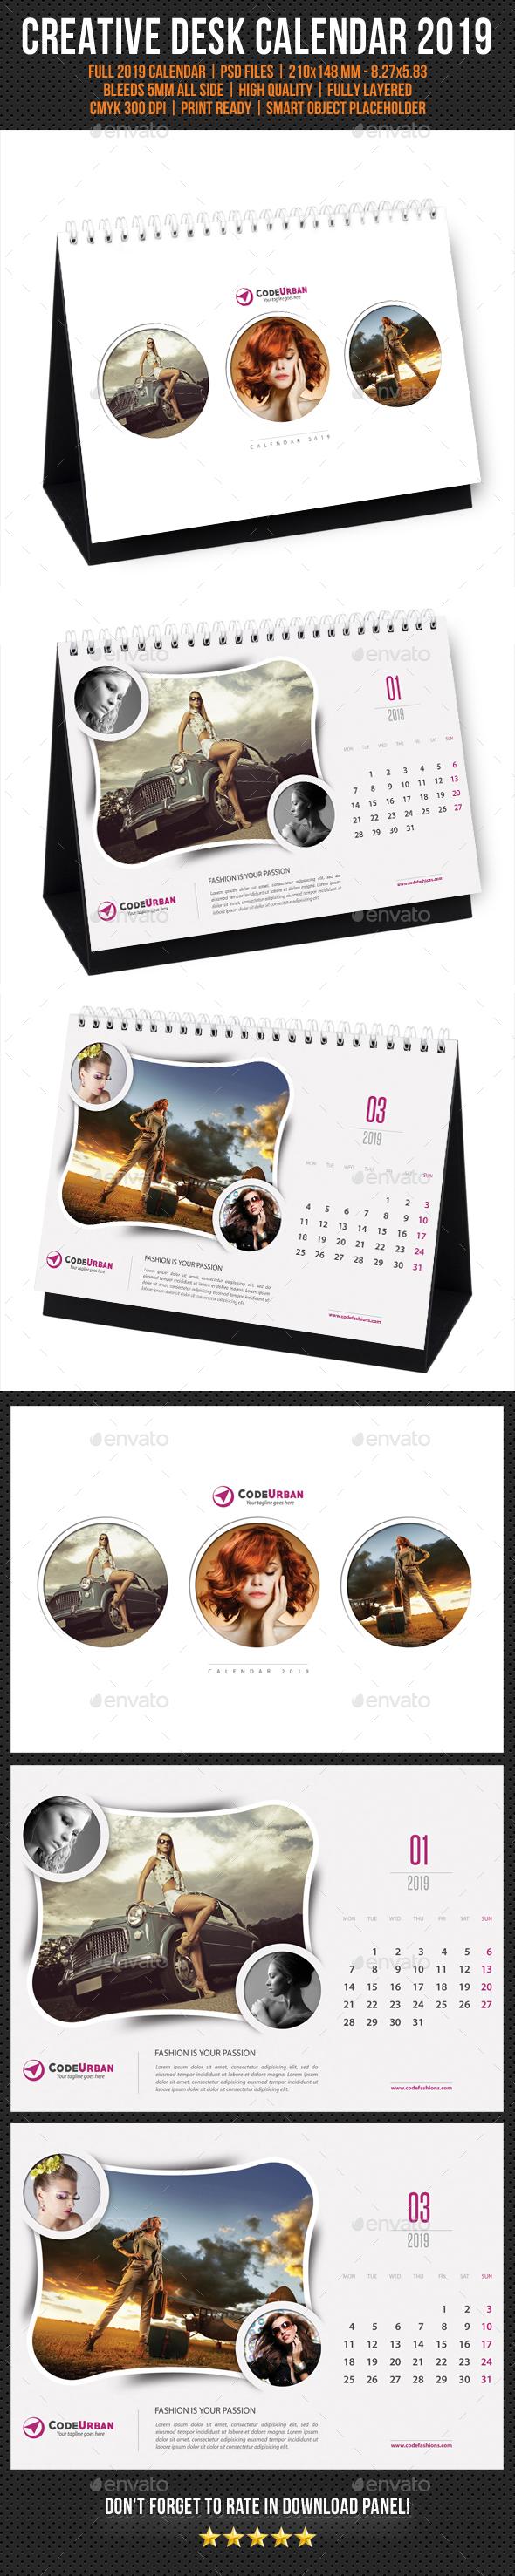 Creative Desk Calendar 2019 V07 - Calendars Stationery